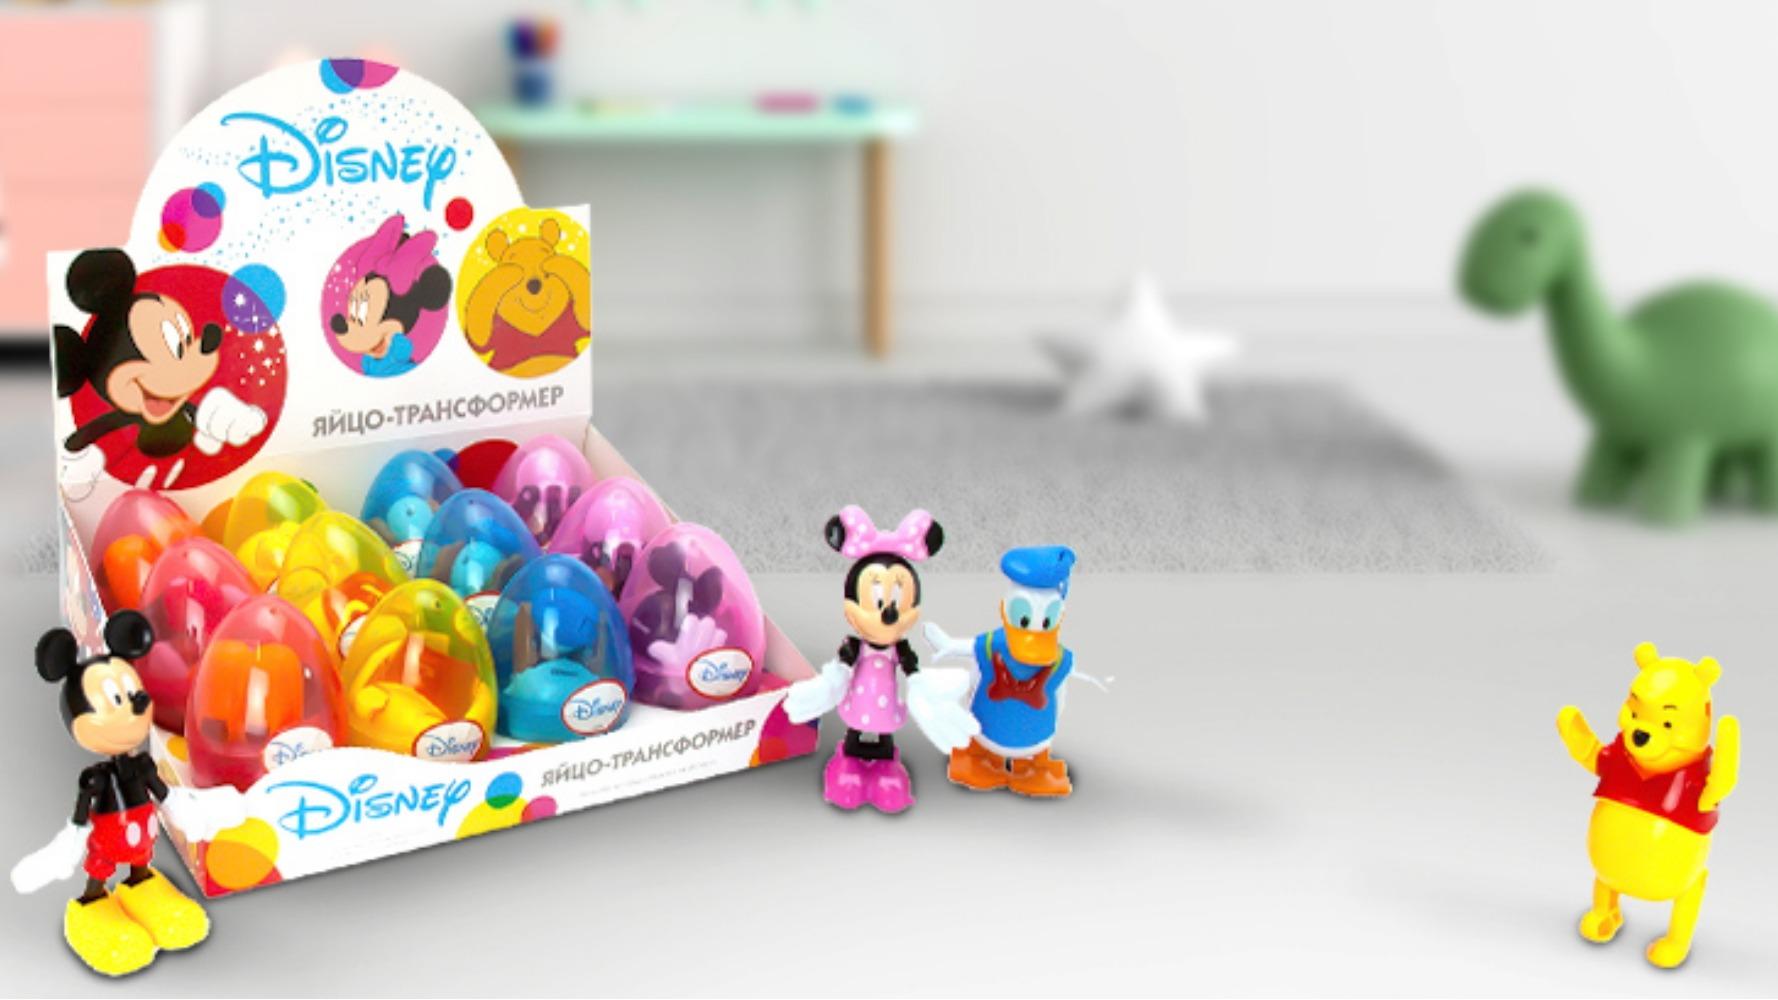 Как выбрать развивающую игрушку-трансформер для ребенка?